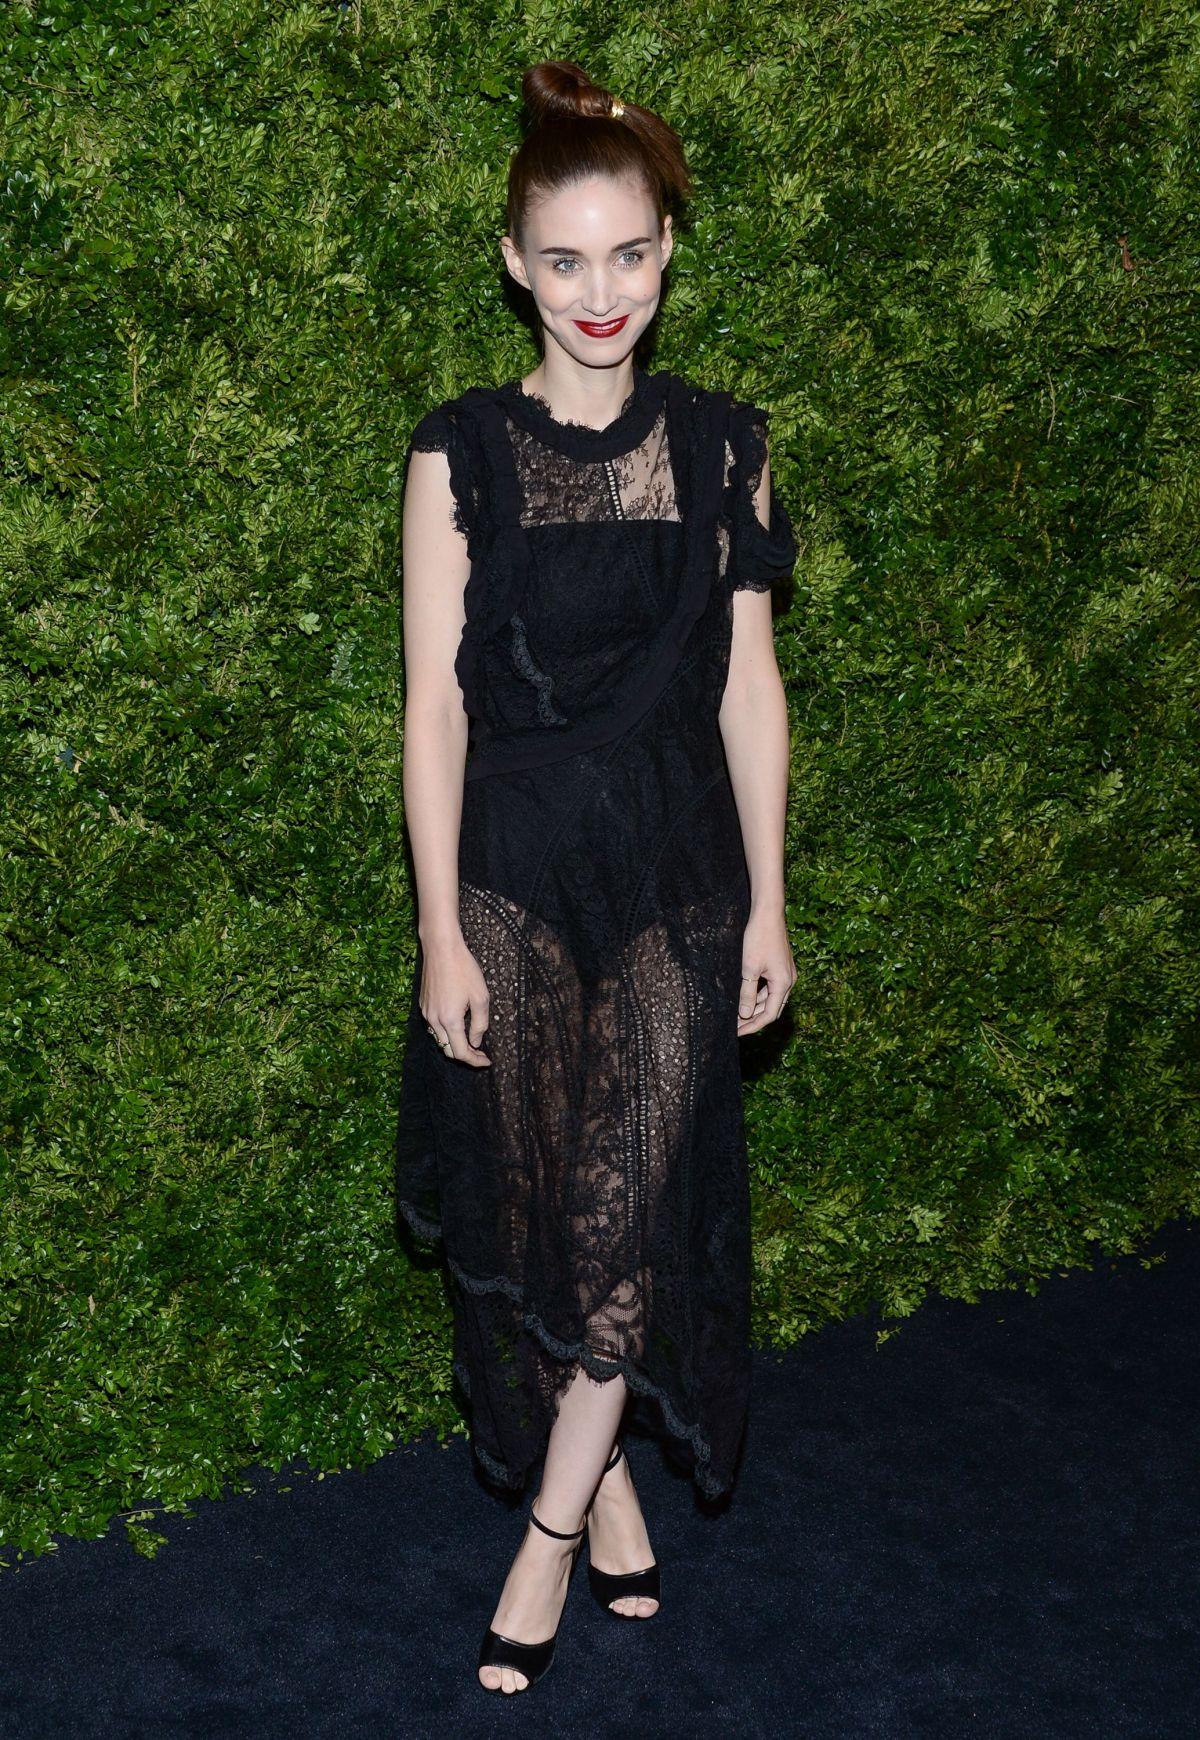 ROONEY MARA at Museum of Modern Art Film Benefit Honoring Cate Blanchett in New York 11/17/2015